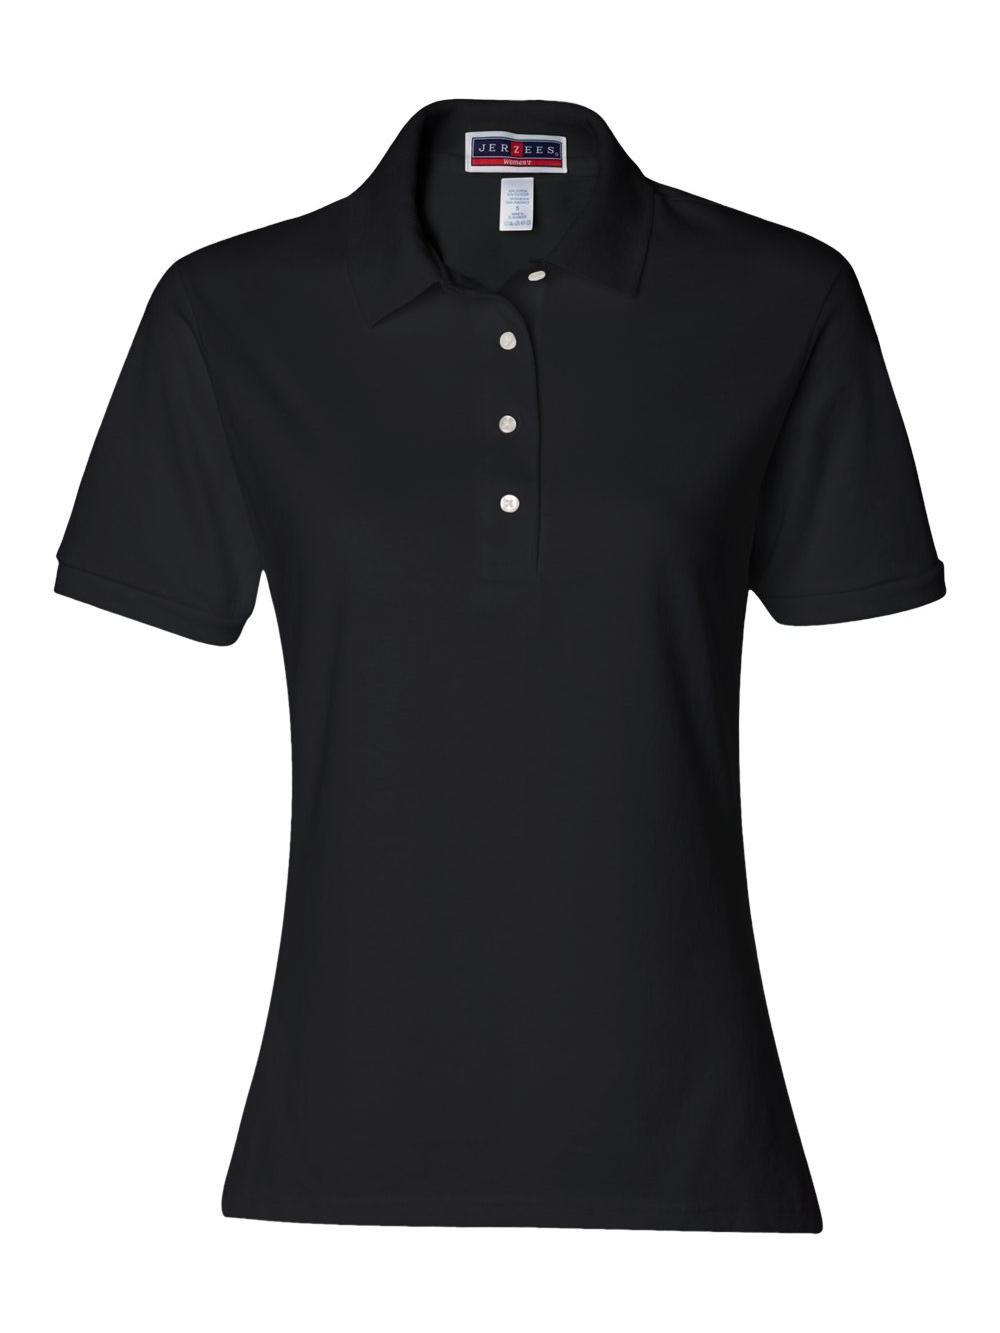 Jerzees-Women-039-s-Spotshield-50-50-Sport-Shirt-437WR thumbnail 3